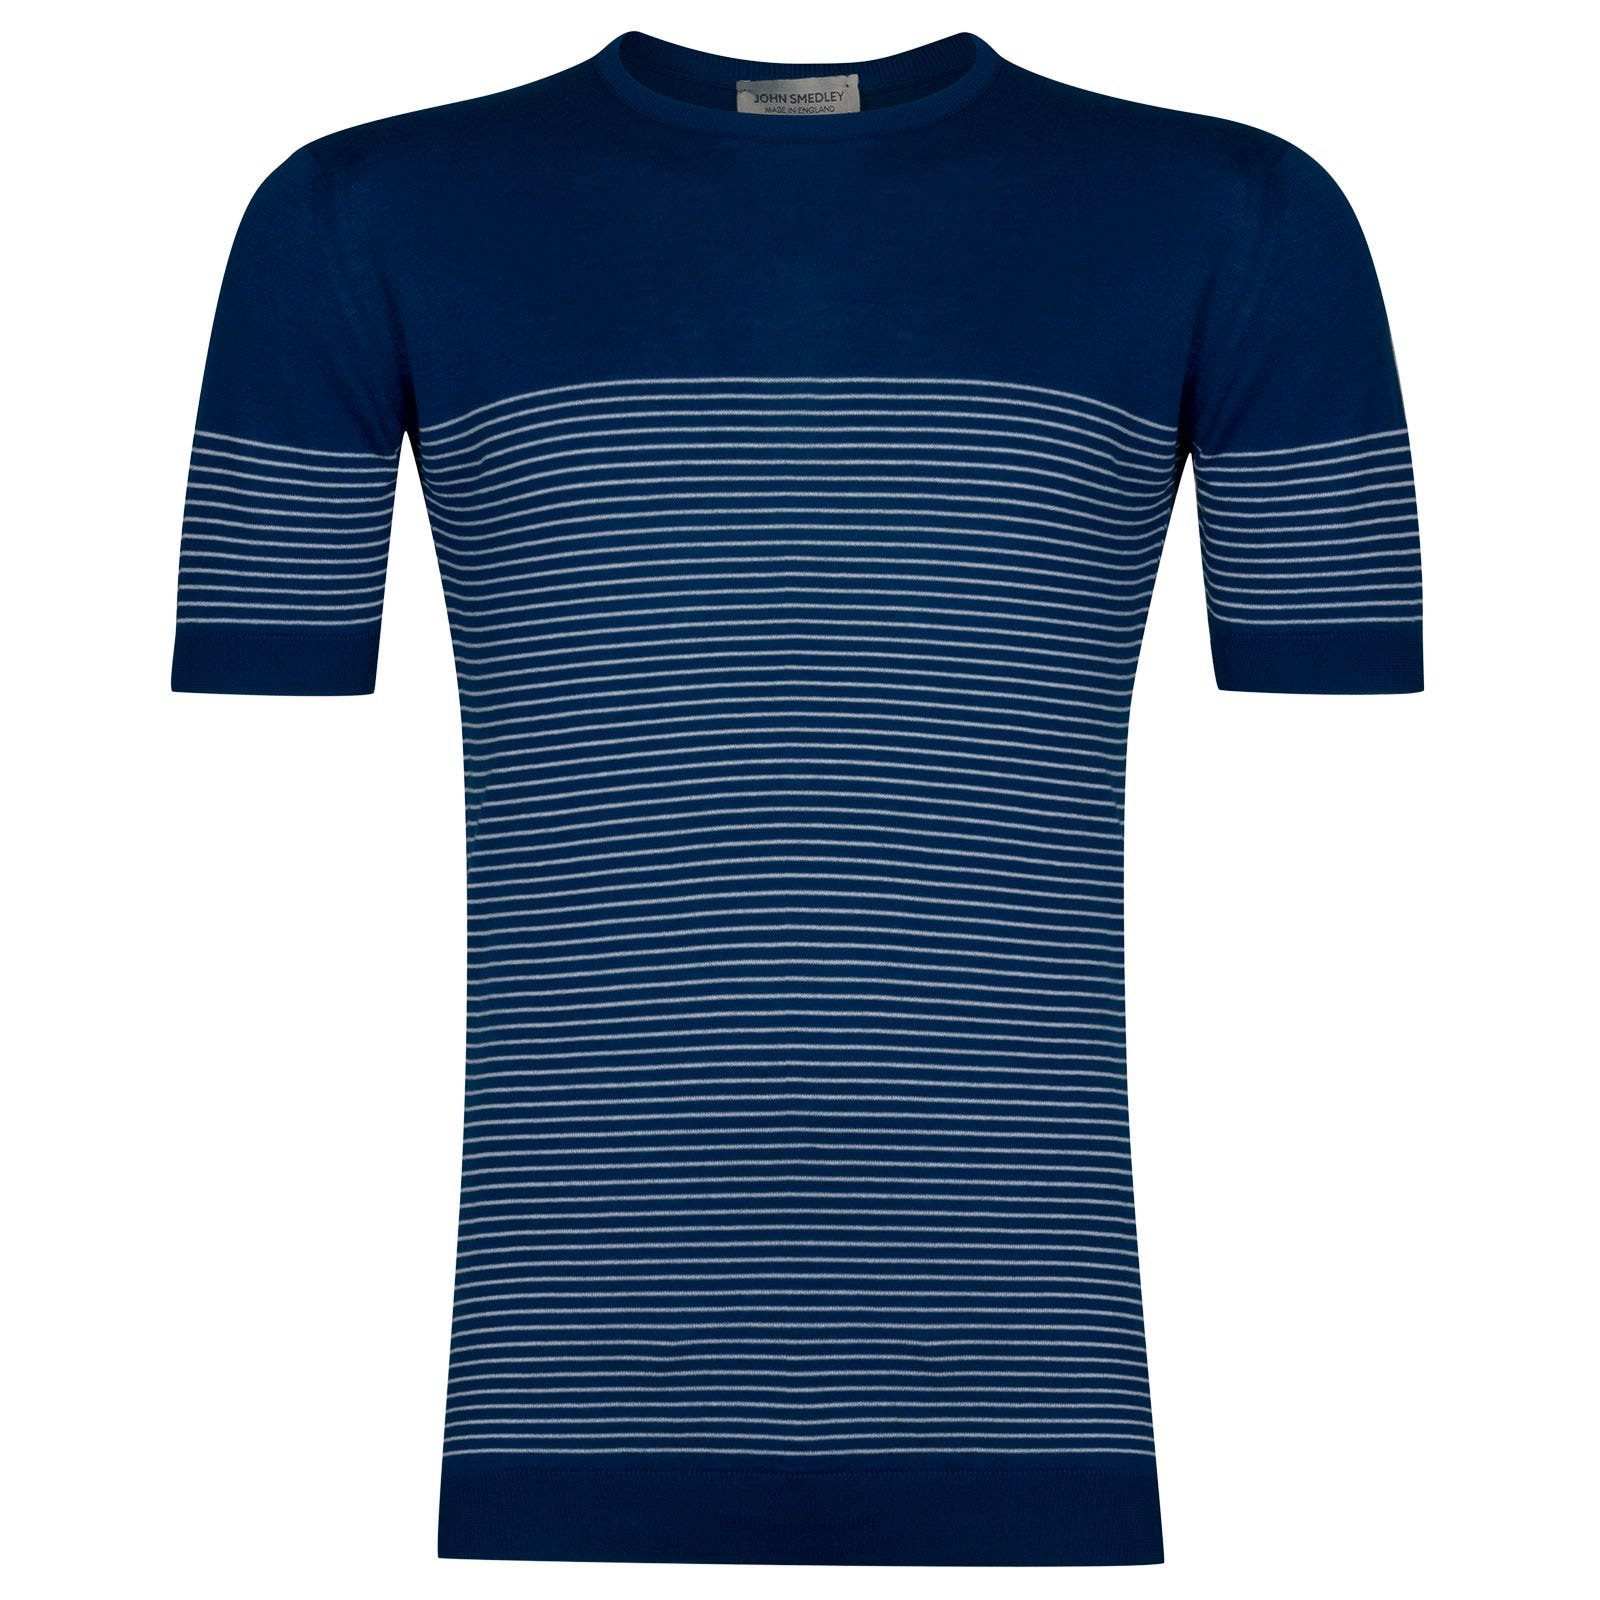 John Smedley Zester Tshirt in Stevens Blue -M